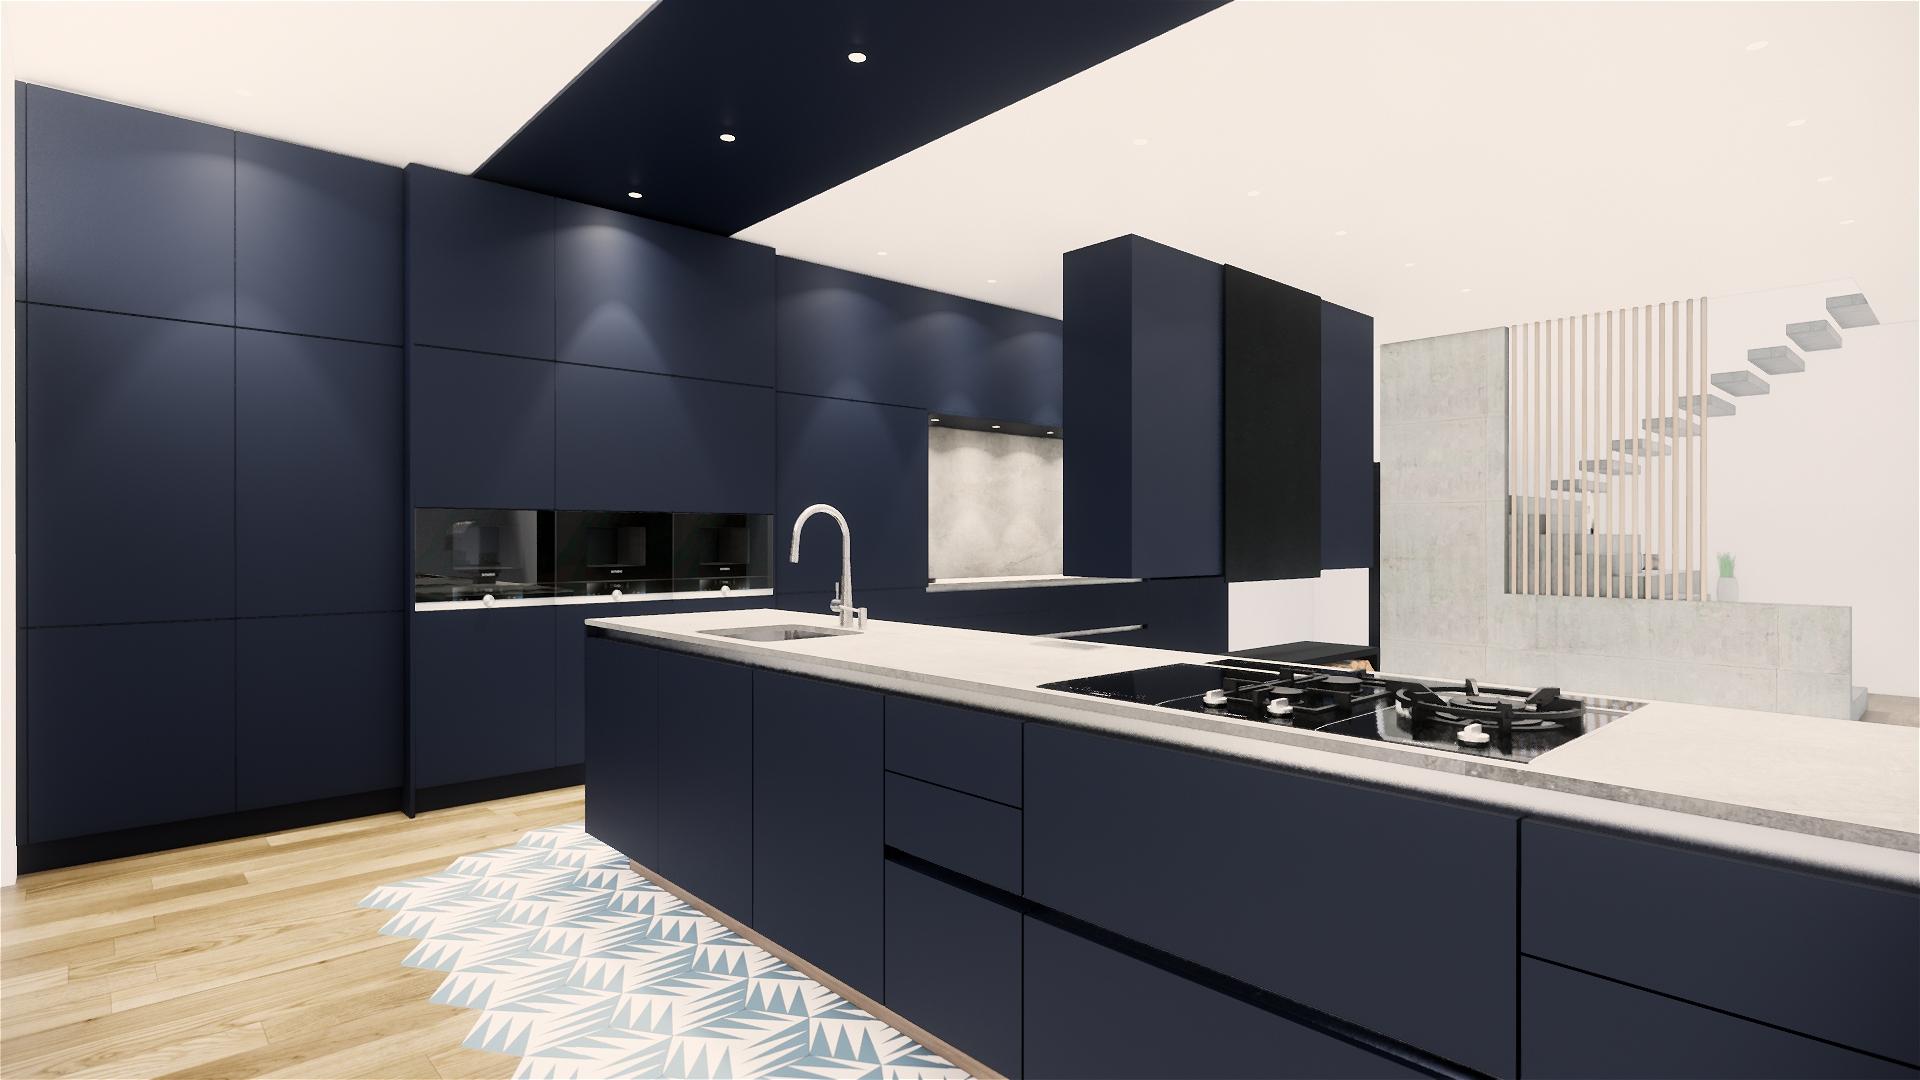 Cuisine Design. Rnovation De Cuisines With Cuisine Design. Great ...